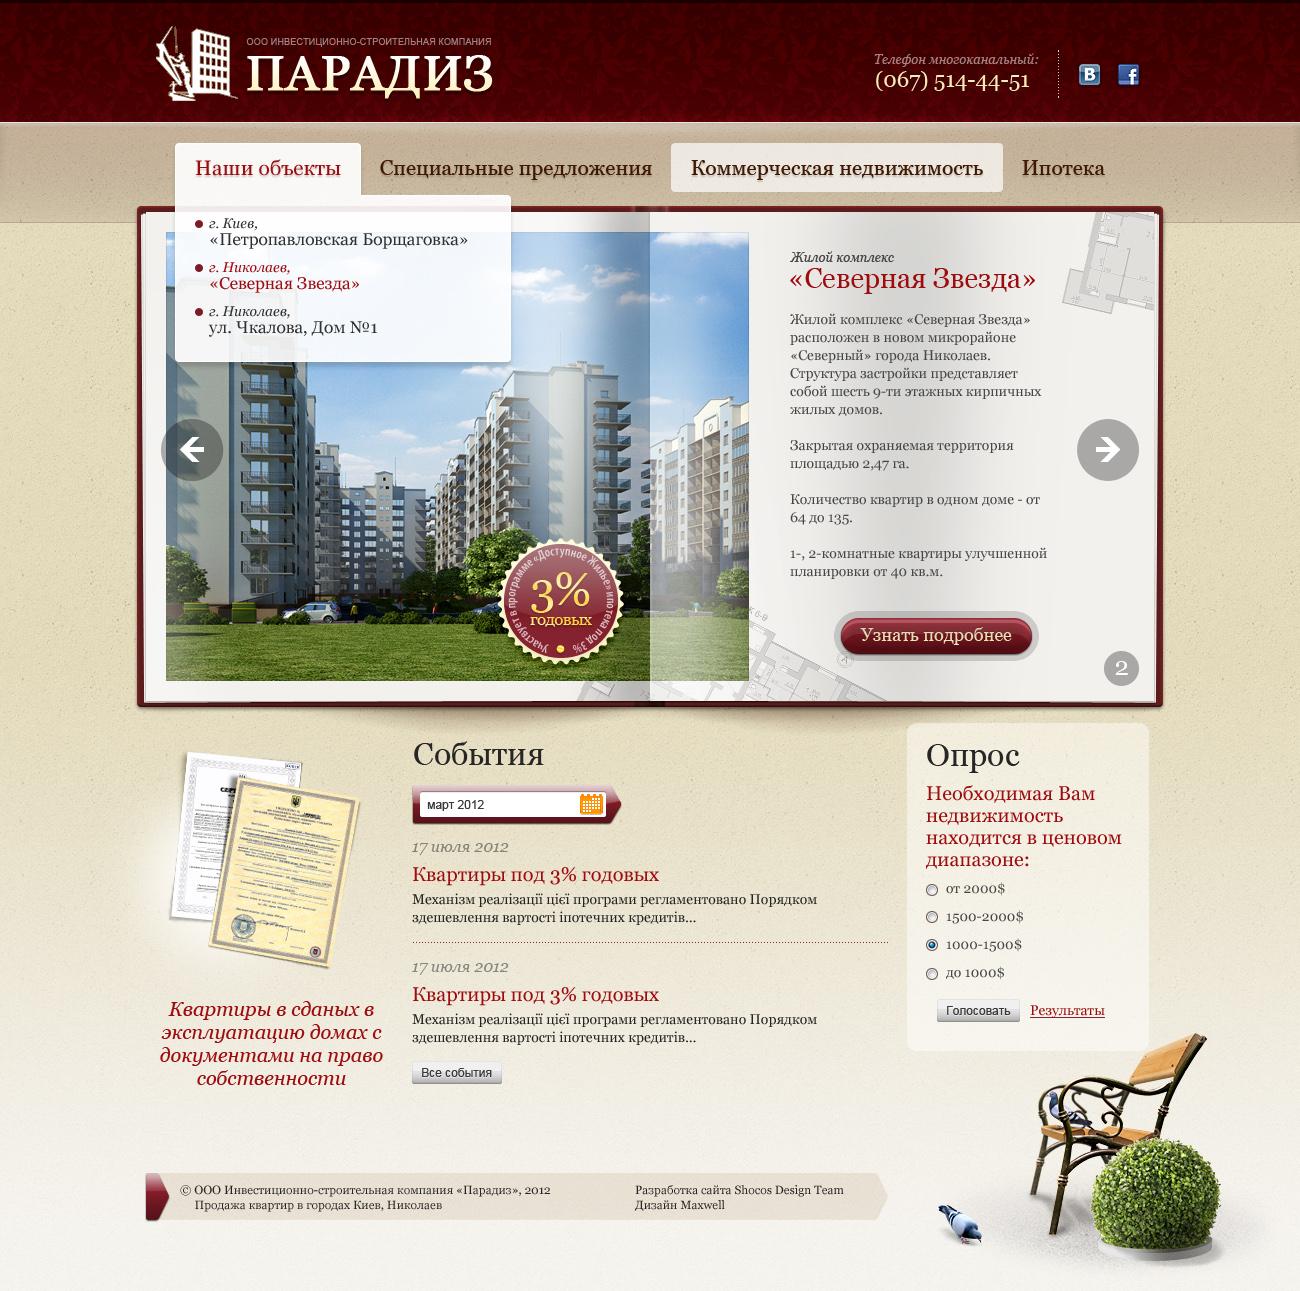 Дизайн сайта Парадиз